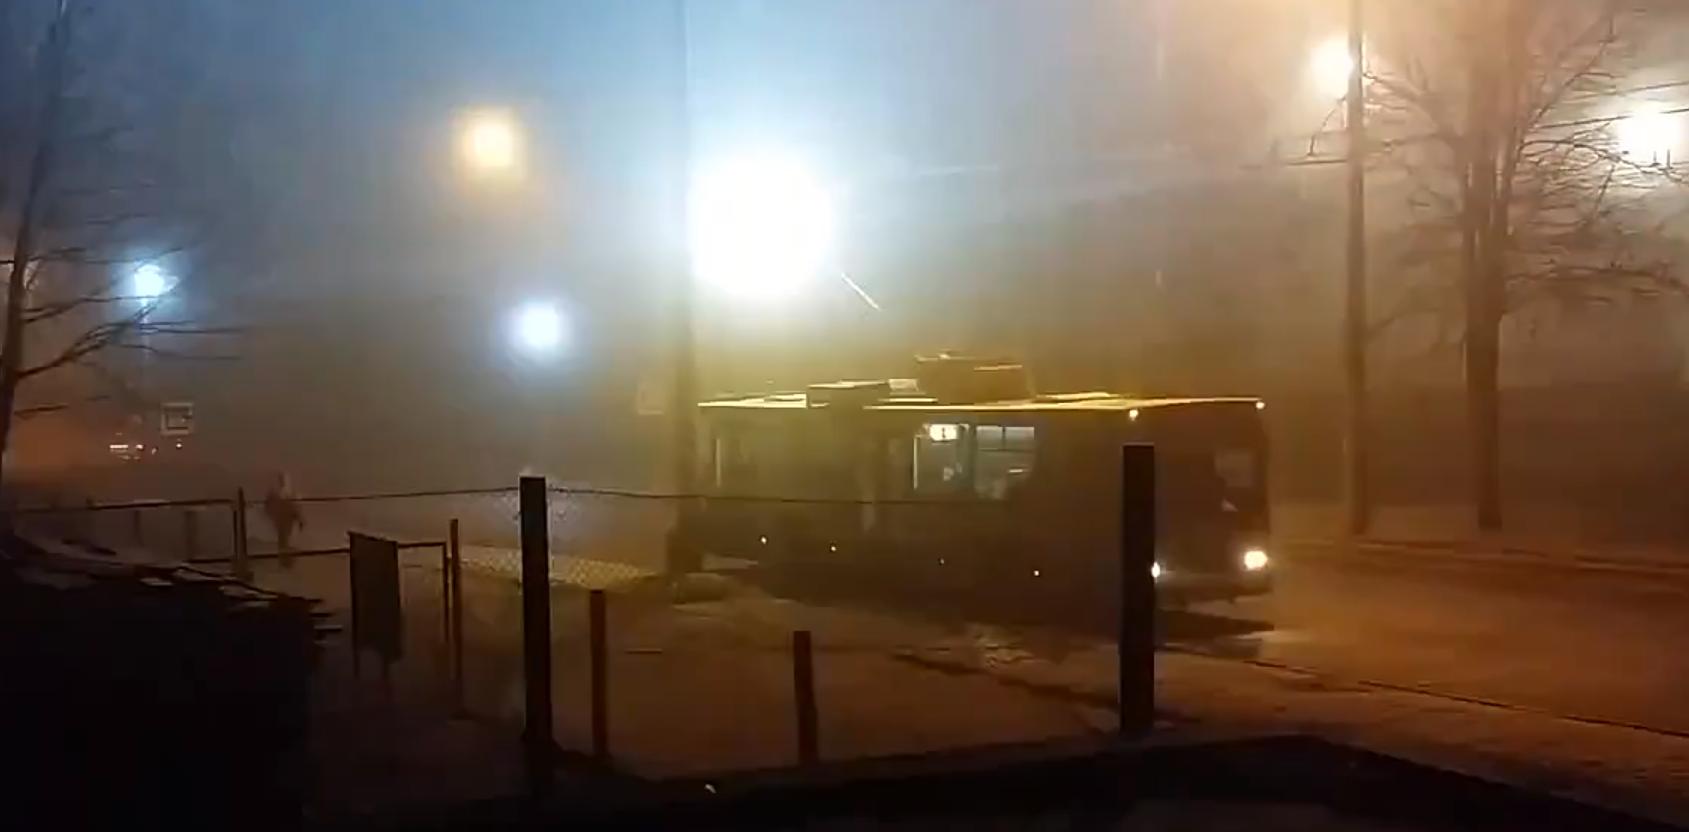 Минувшей ночью в Кирове были замечены загадочные вспышки света